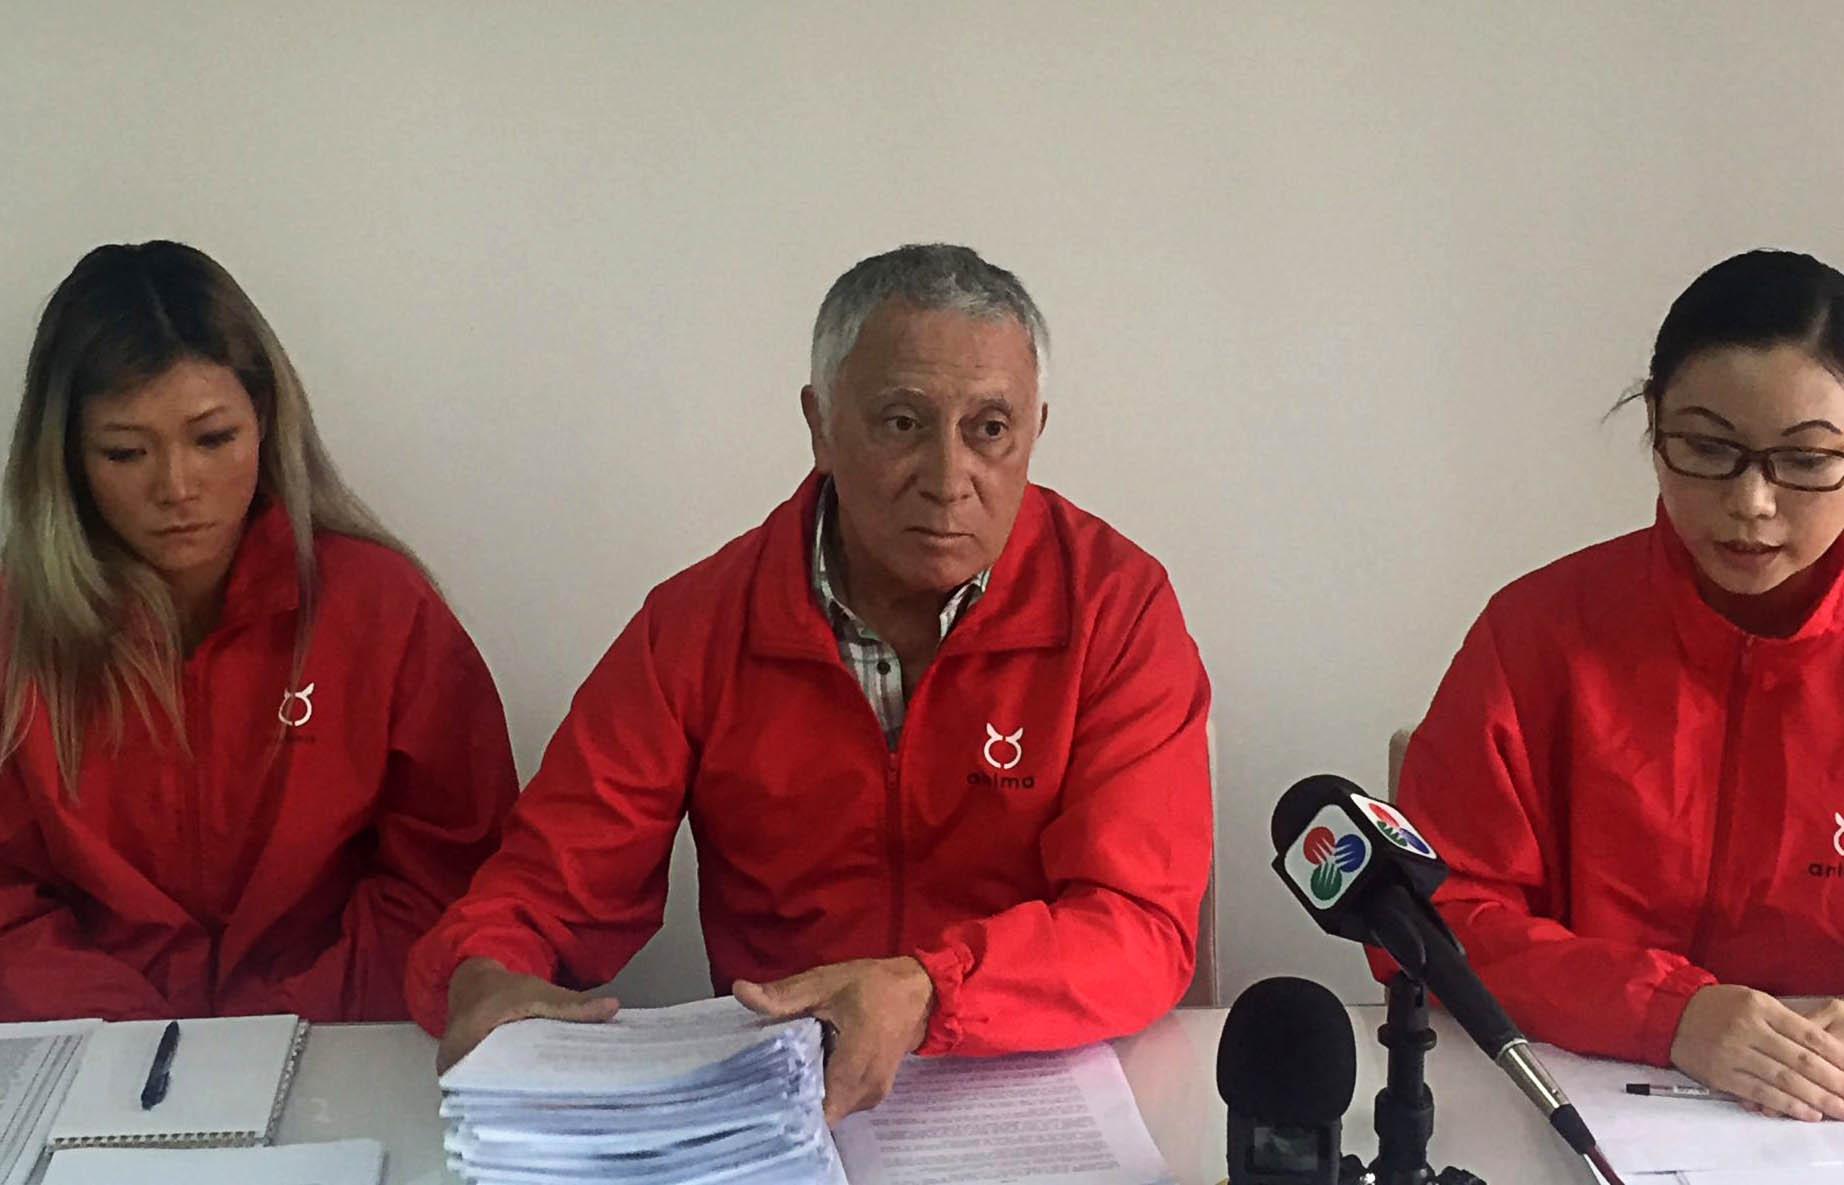 Canídromo | Anima entrega hoje ao IACM 650 pedidos de adopção dos galgos